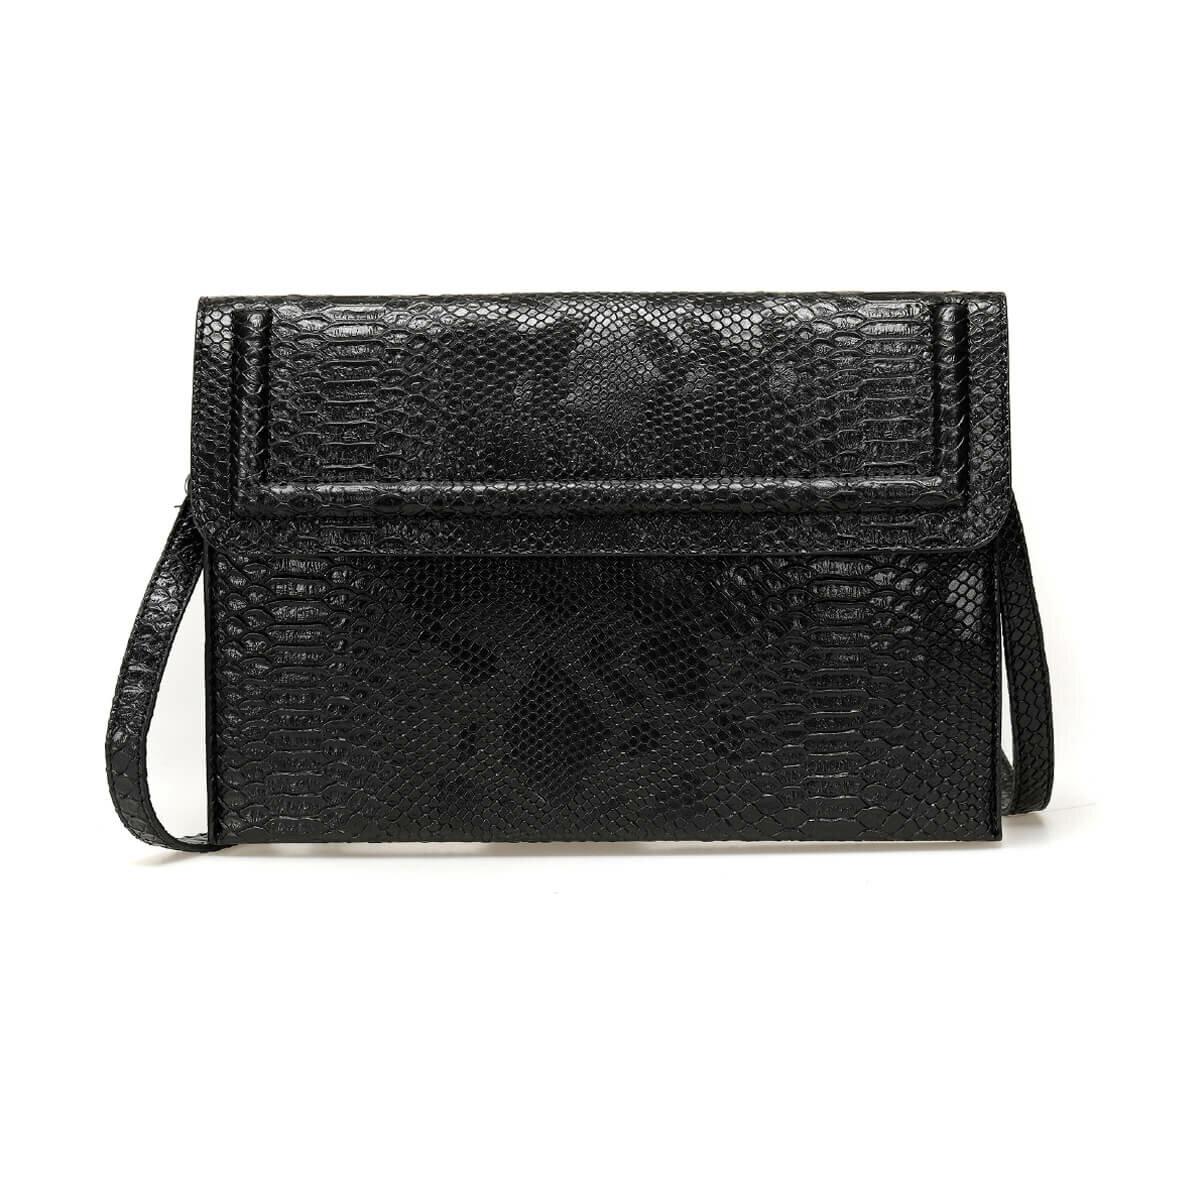 FLO TMK19056 85Z Black Women Handbag BUTIGO